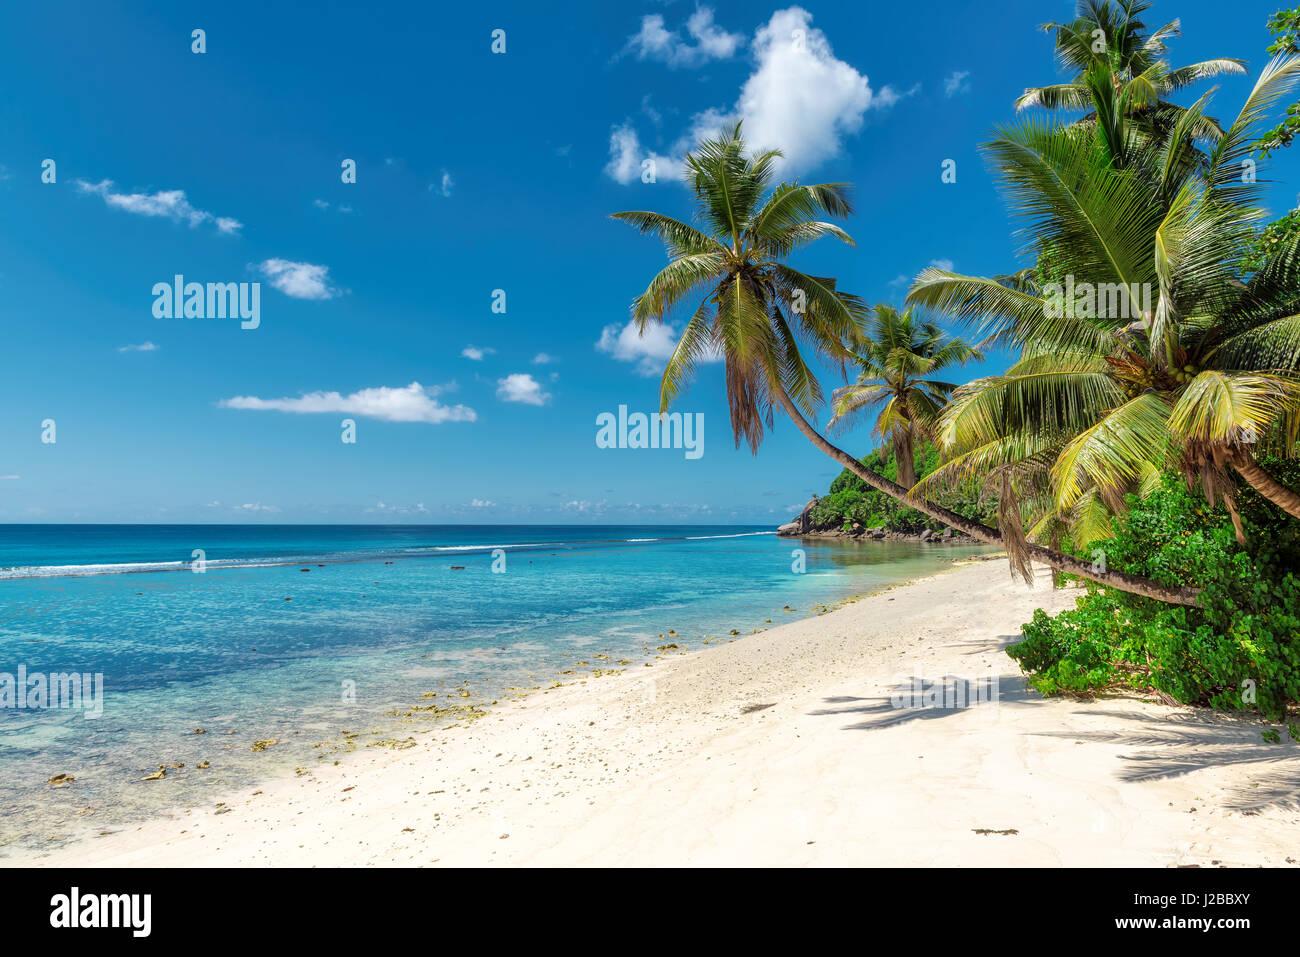 Paradise oceano tropicale con spiaggia di sabbia bianca, trasparenti acque turchesi di cocco e di palma in una luminosa Immagini Stock